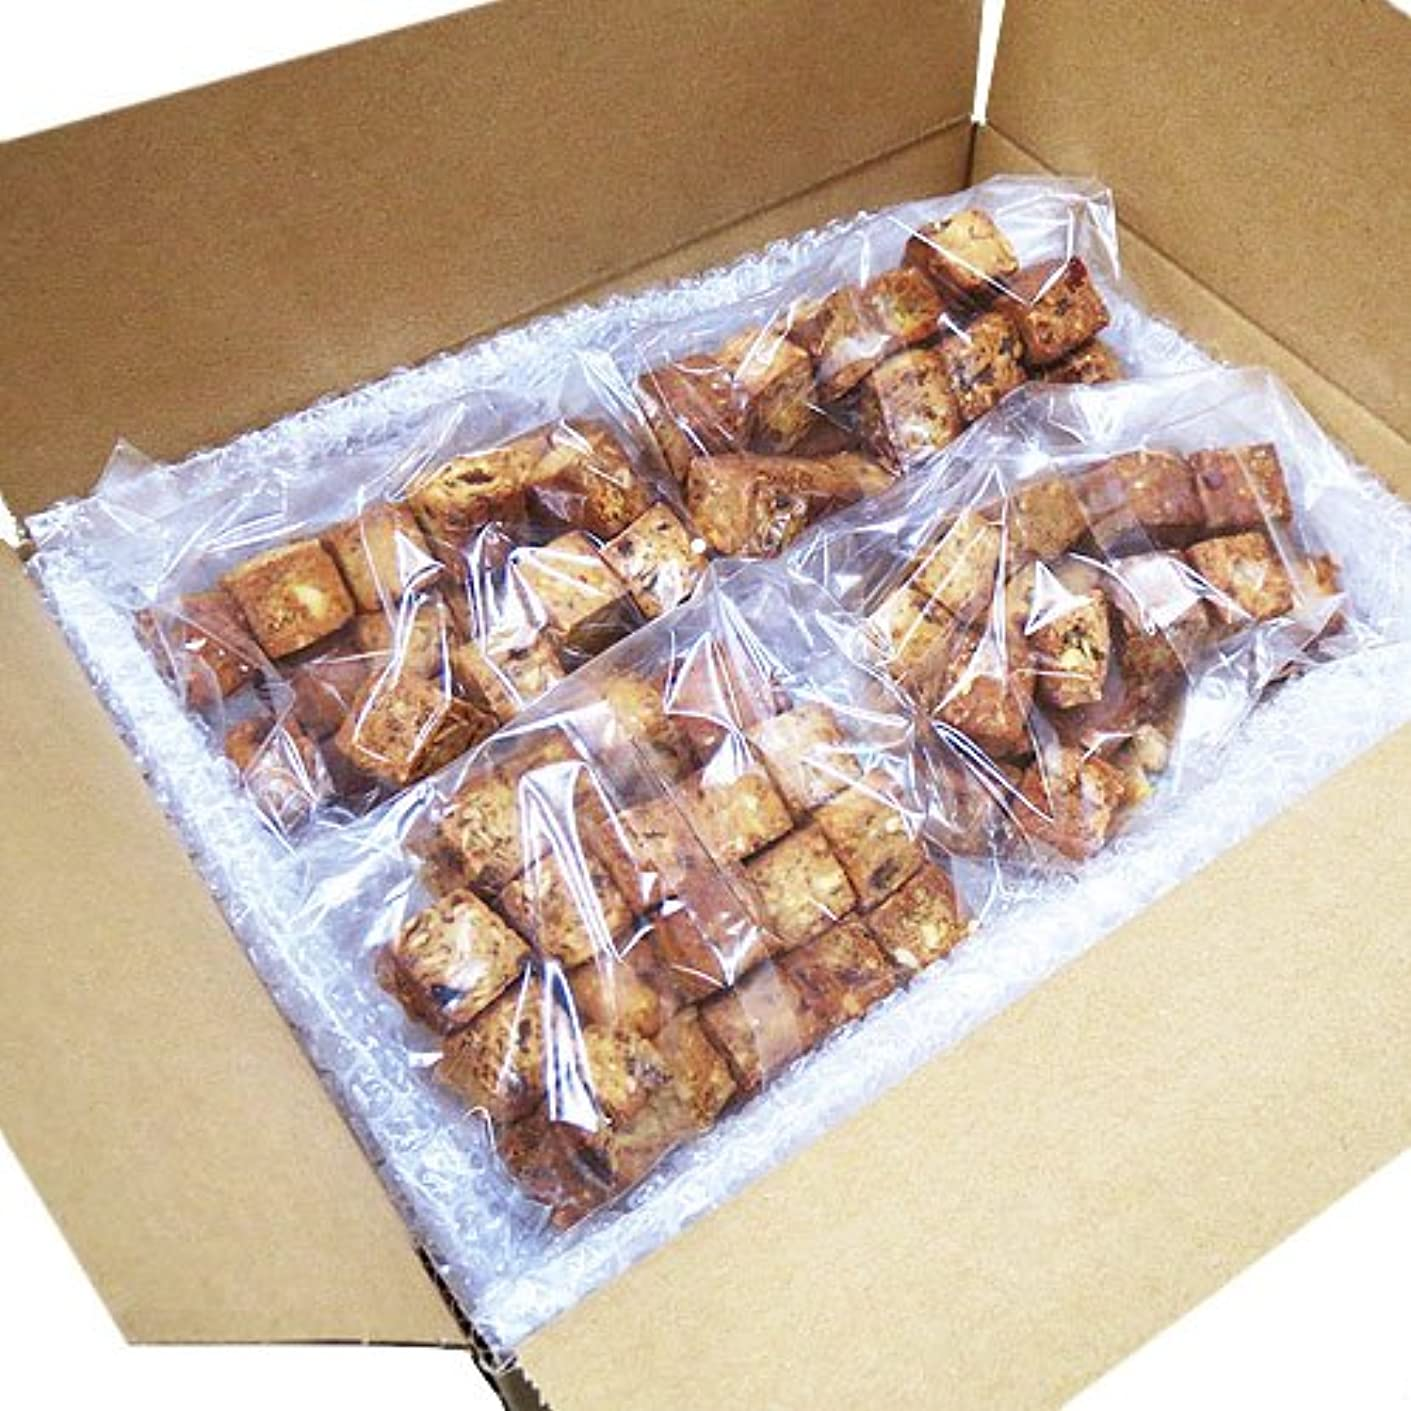 急勾配の宿題貞蒲屋忠兵衛商店  大麦と果実のソイキューブ  800g(200g×4袋)